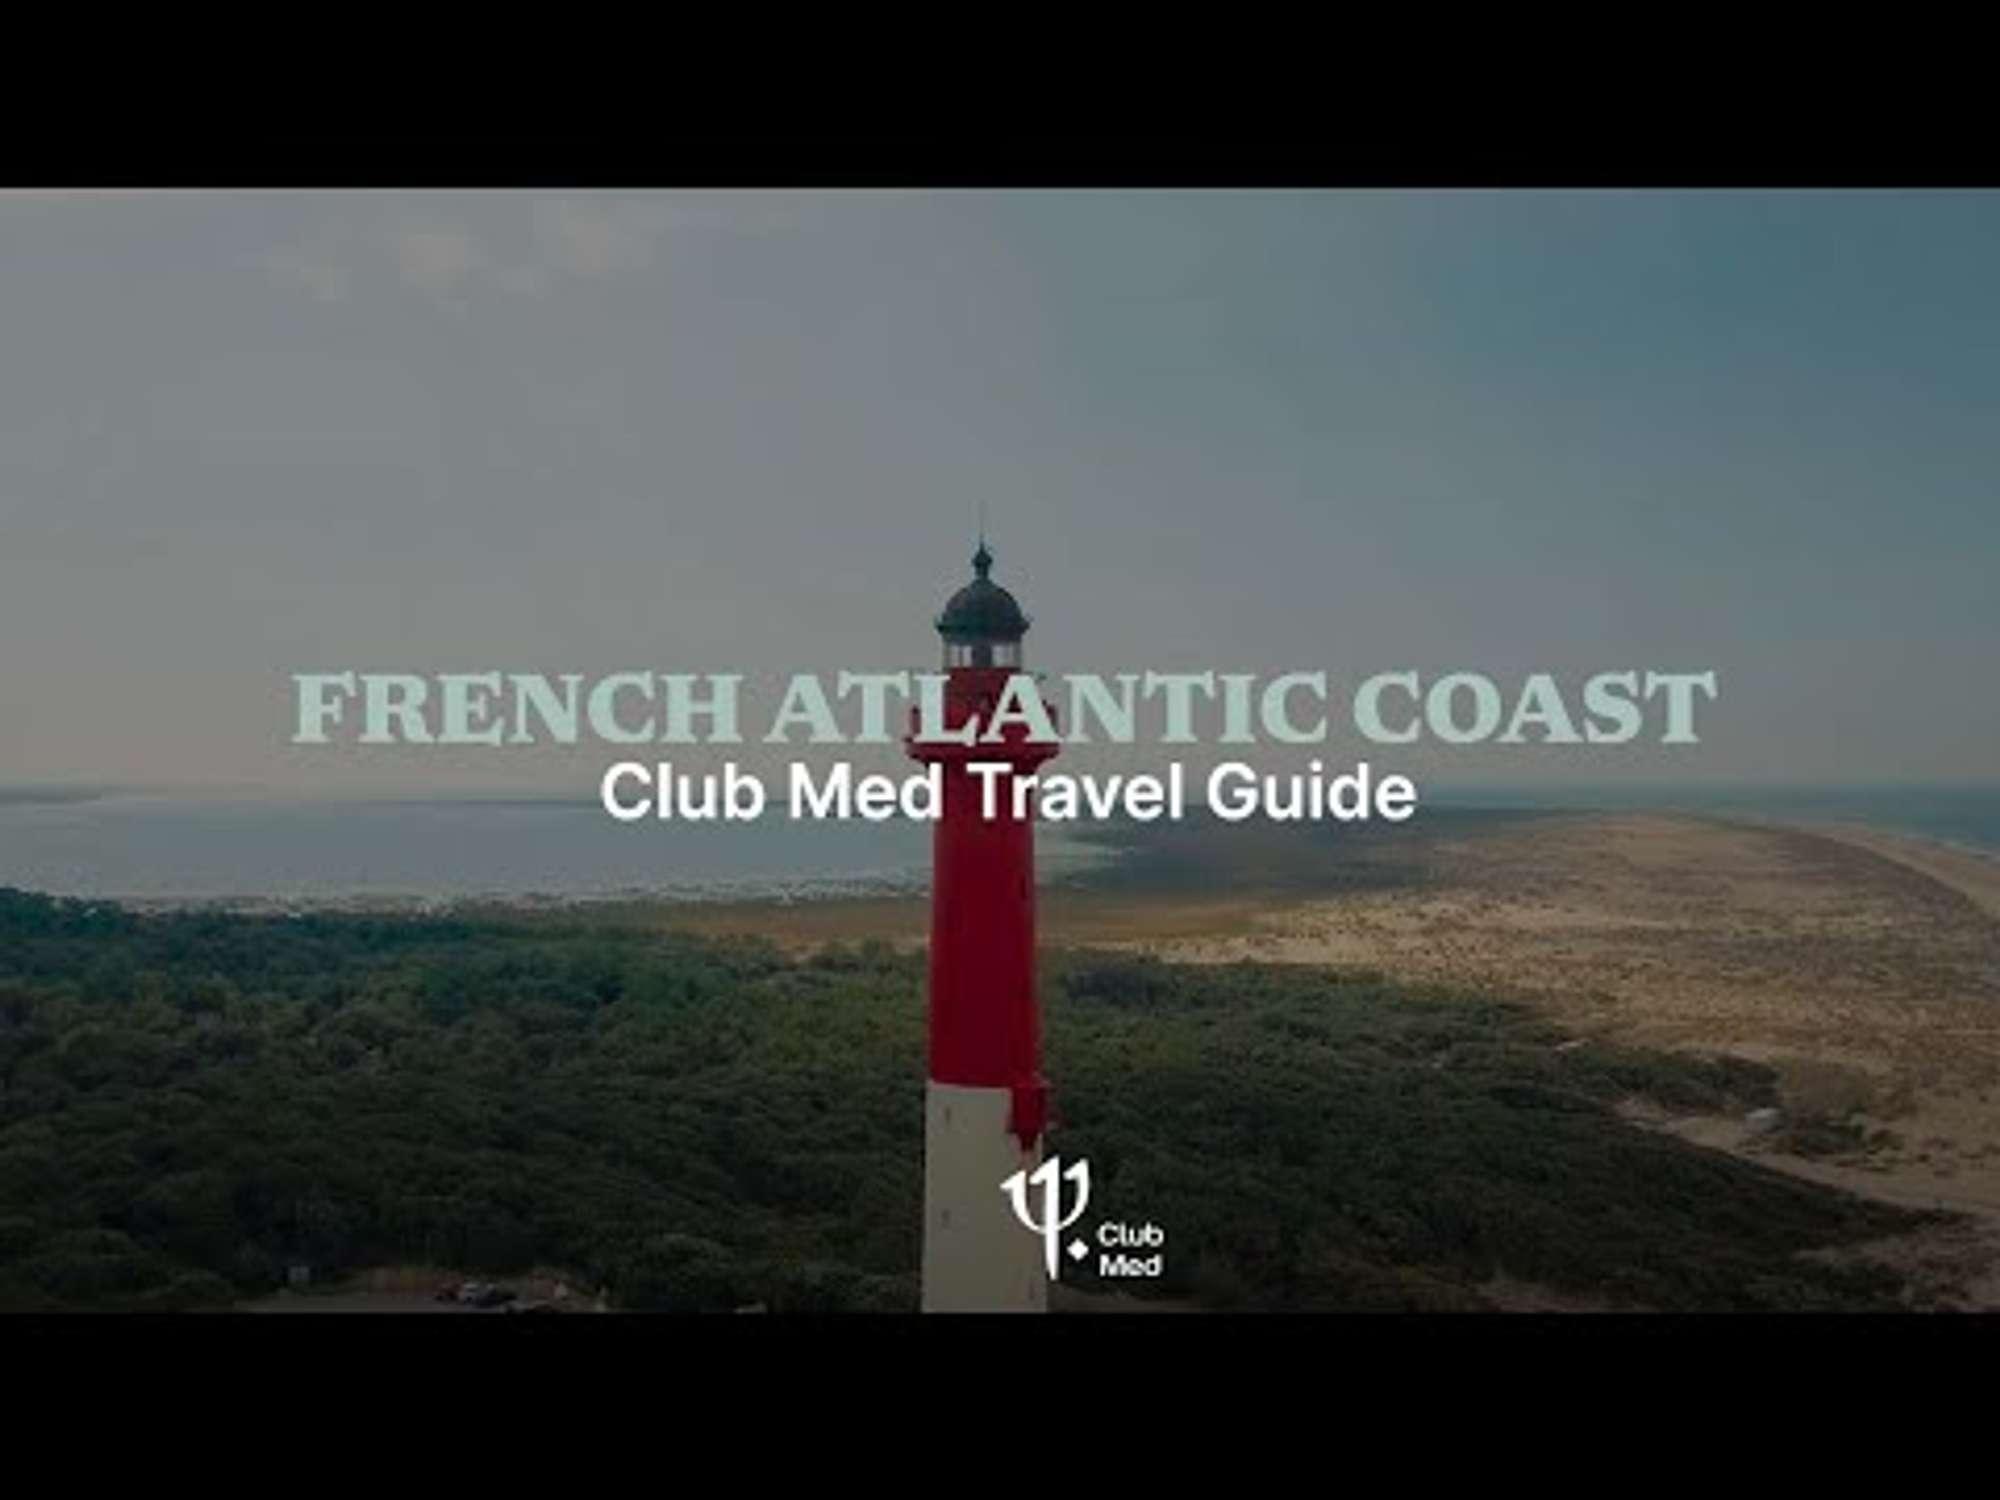 Open La Palmyre Atlantique Vidéos slideshow gallery at 1